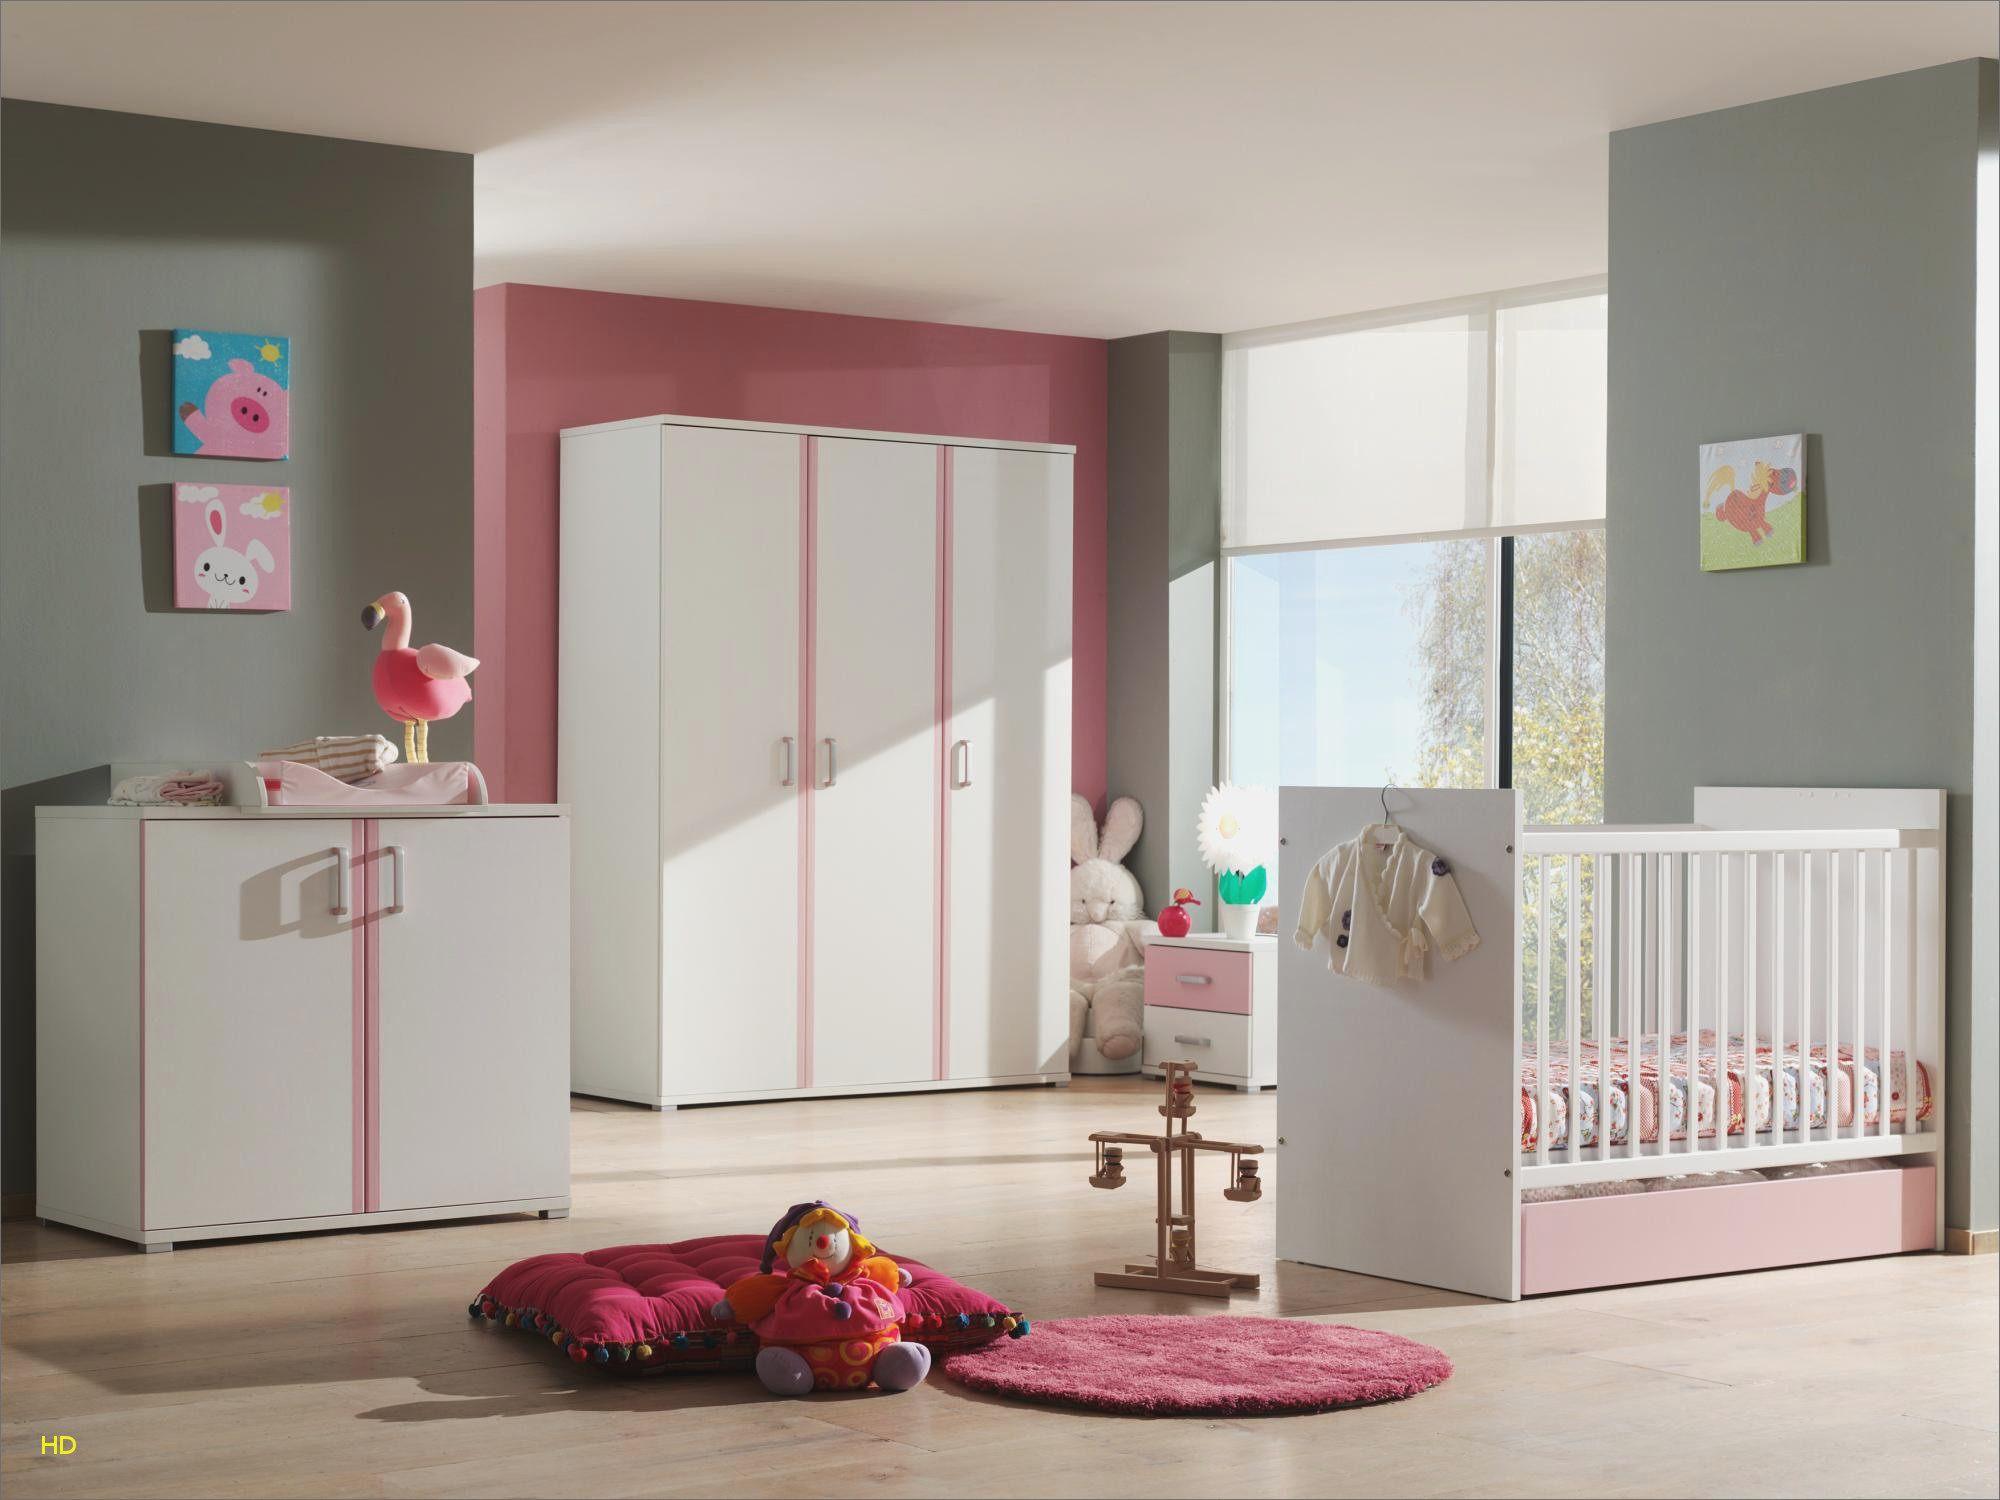 Lit Bébé Autour De Bébé Agréable Meuble Chambre Bébé Cadre Pour Chambre Bébé Parc B C3 A9b C3 A9 Gris